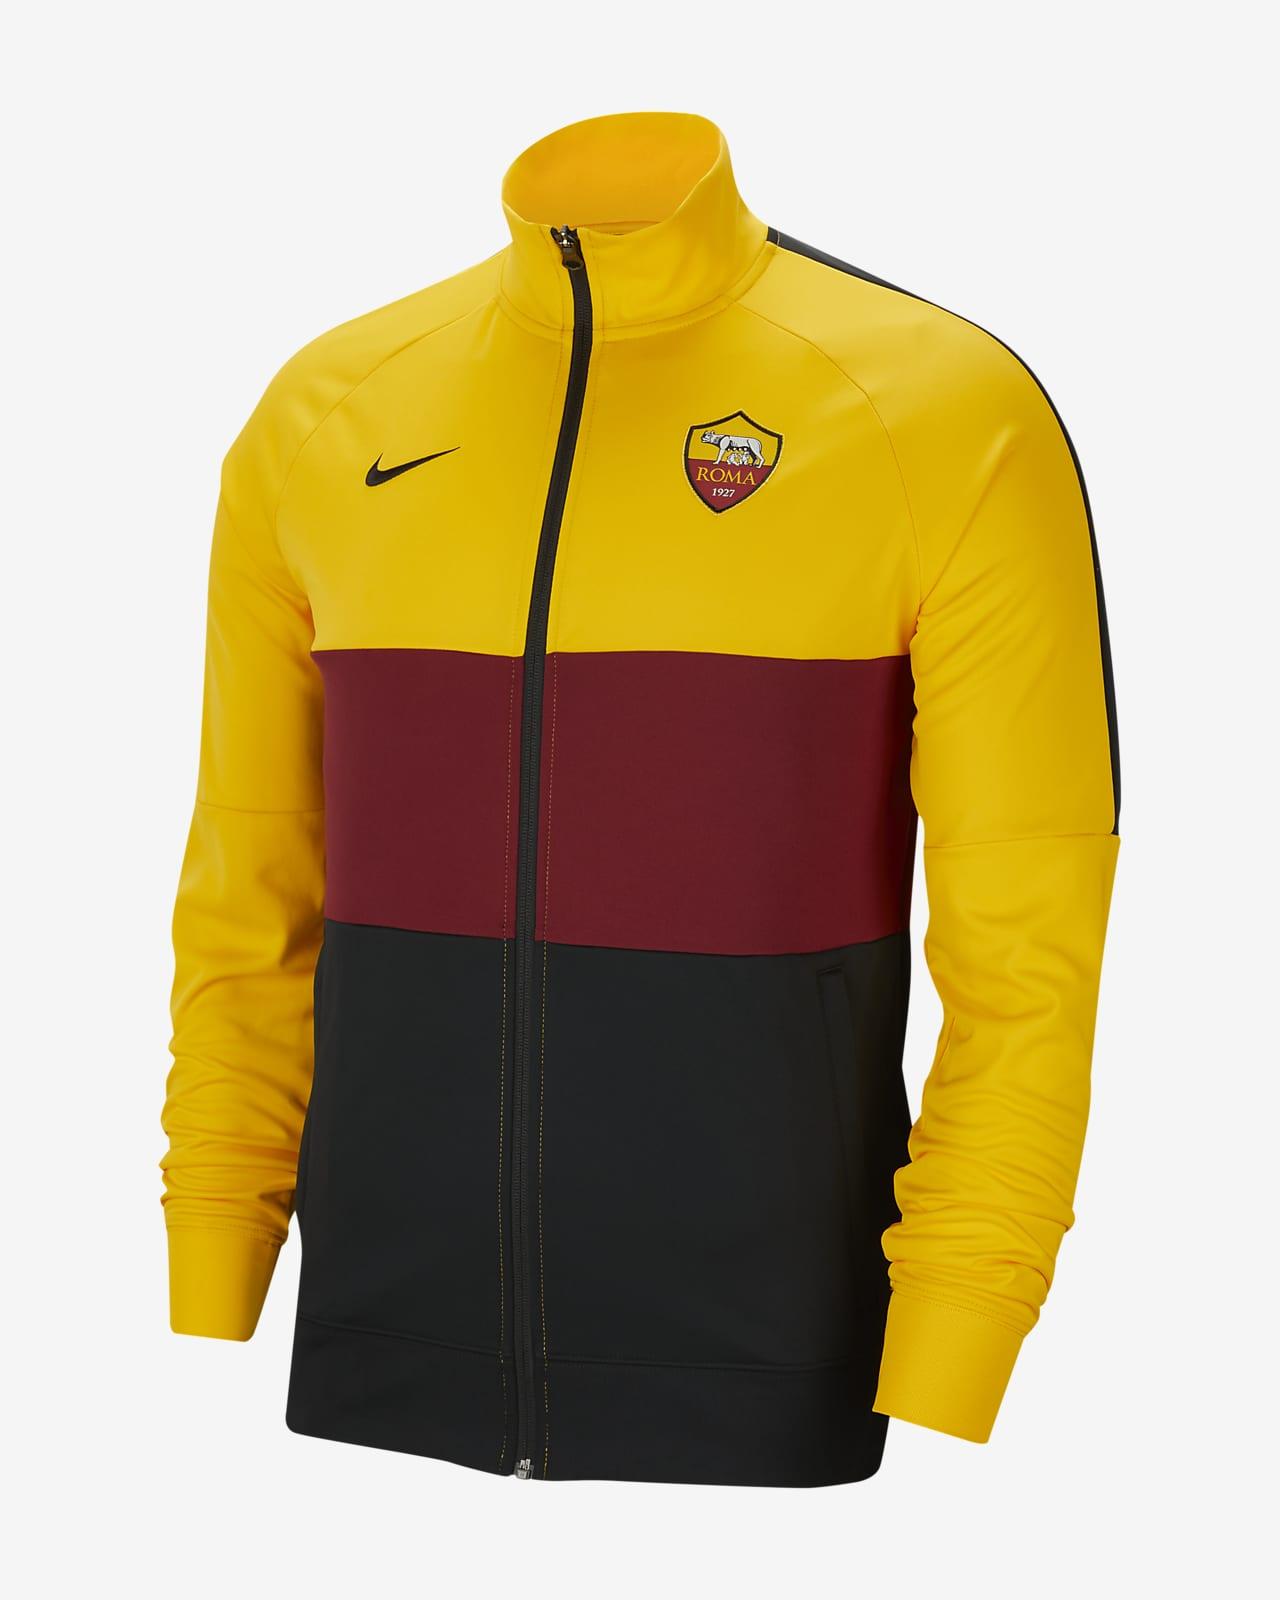 AS Roma Men's Football Track Jacket